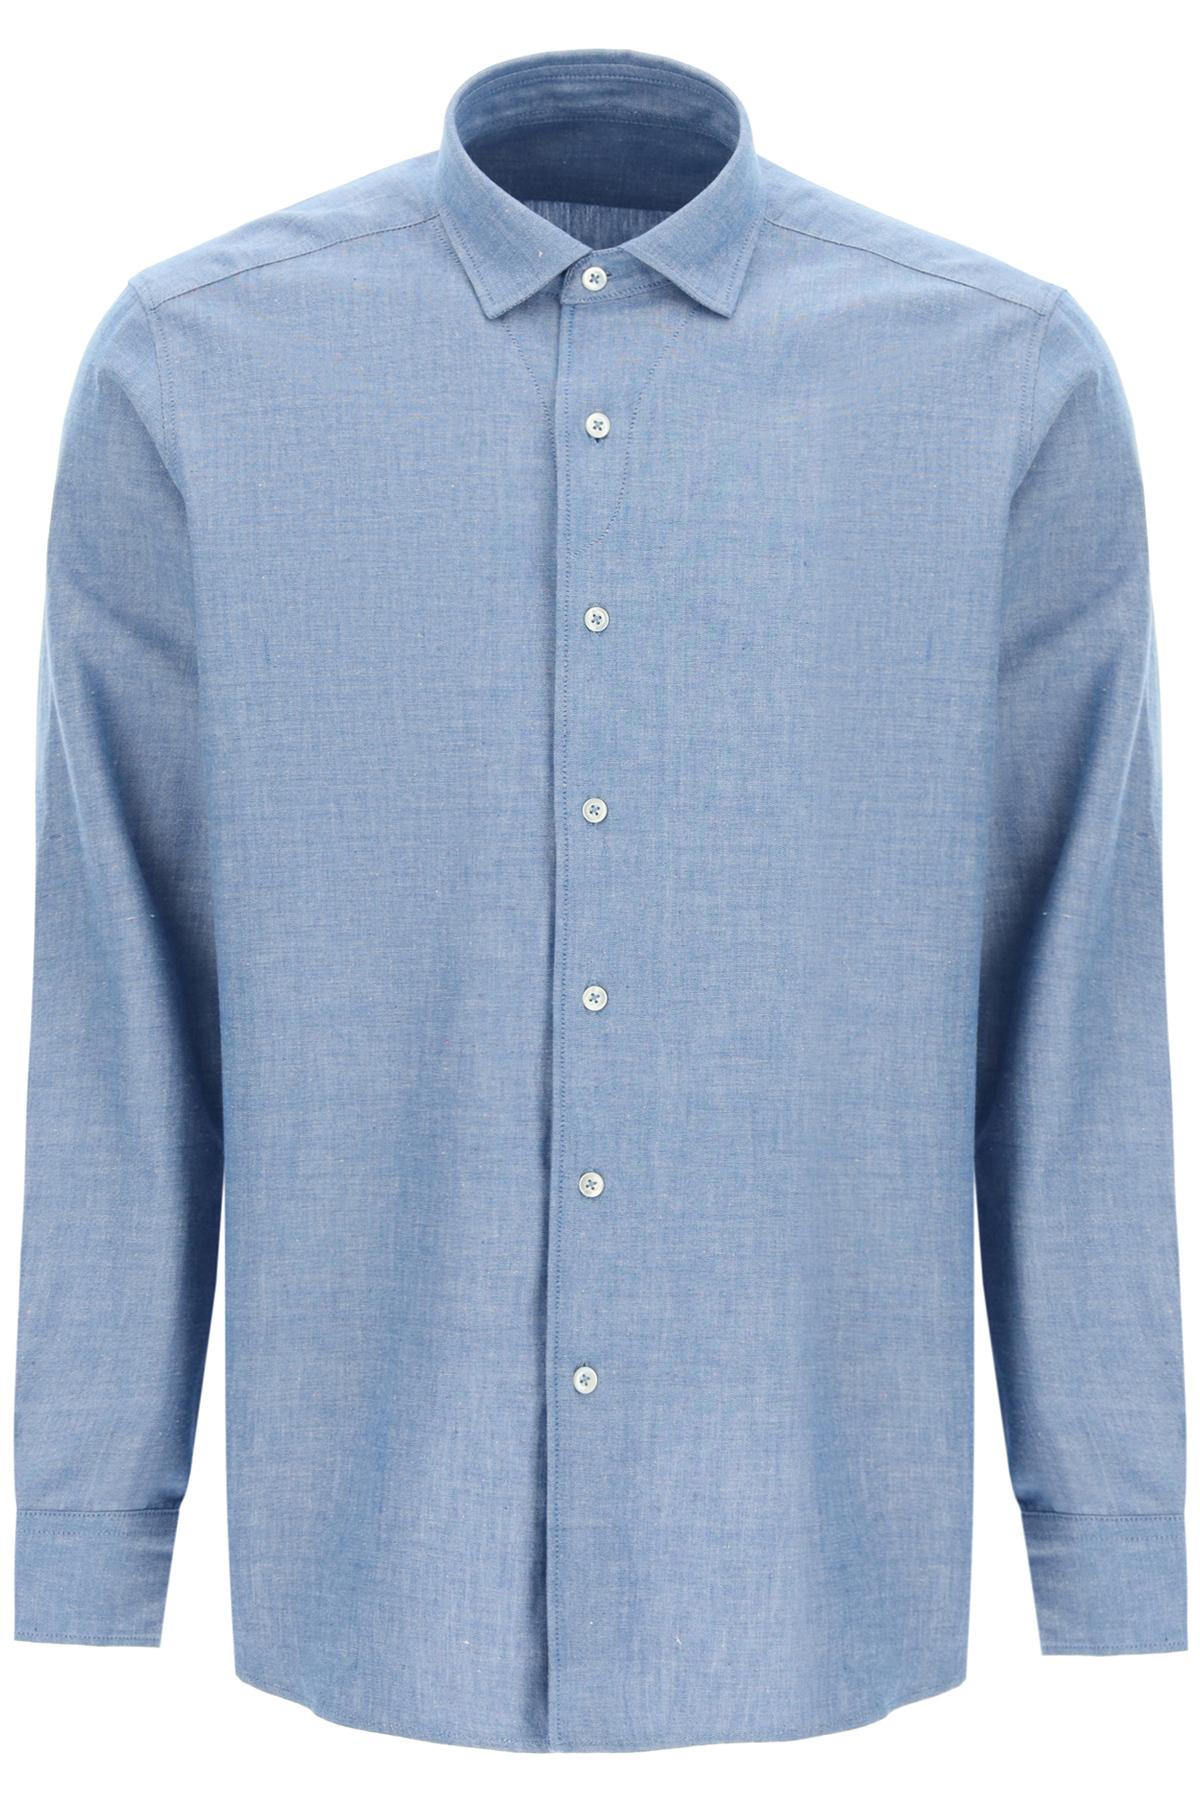 Gm77 camicia in cotone